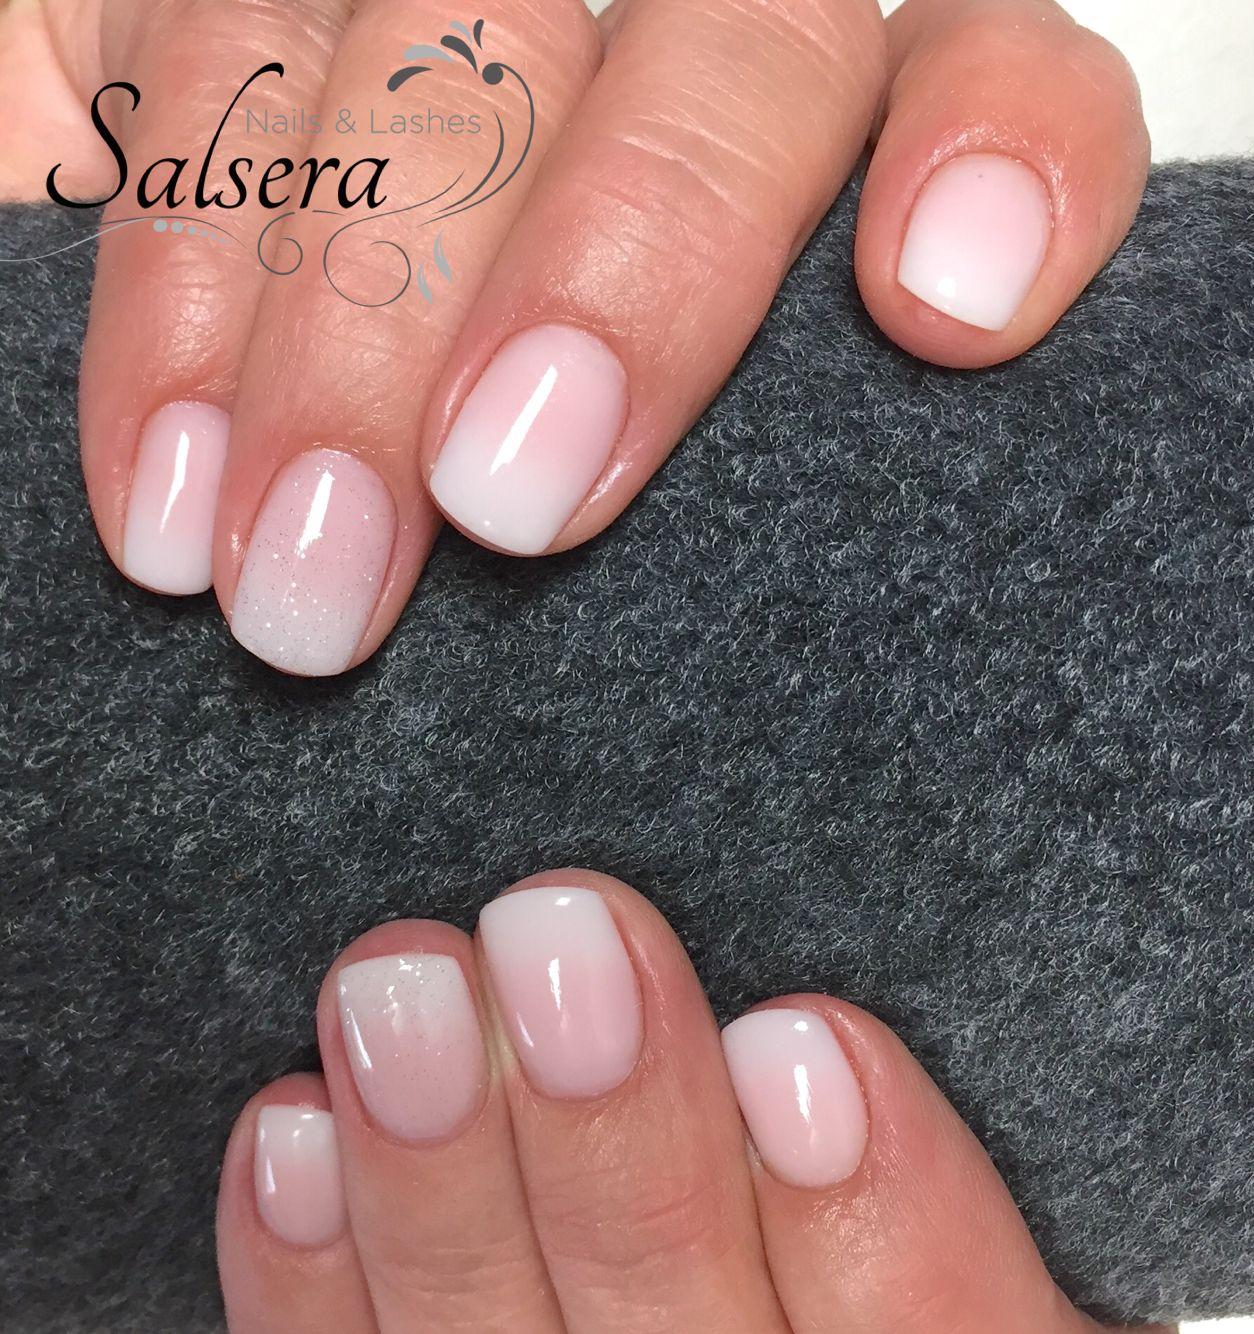 Nails Babyboomer Nageldesign Salsera Nails Lashes Beauty Fun Nails Ombre Nails Cool Nail Designs